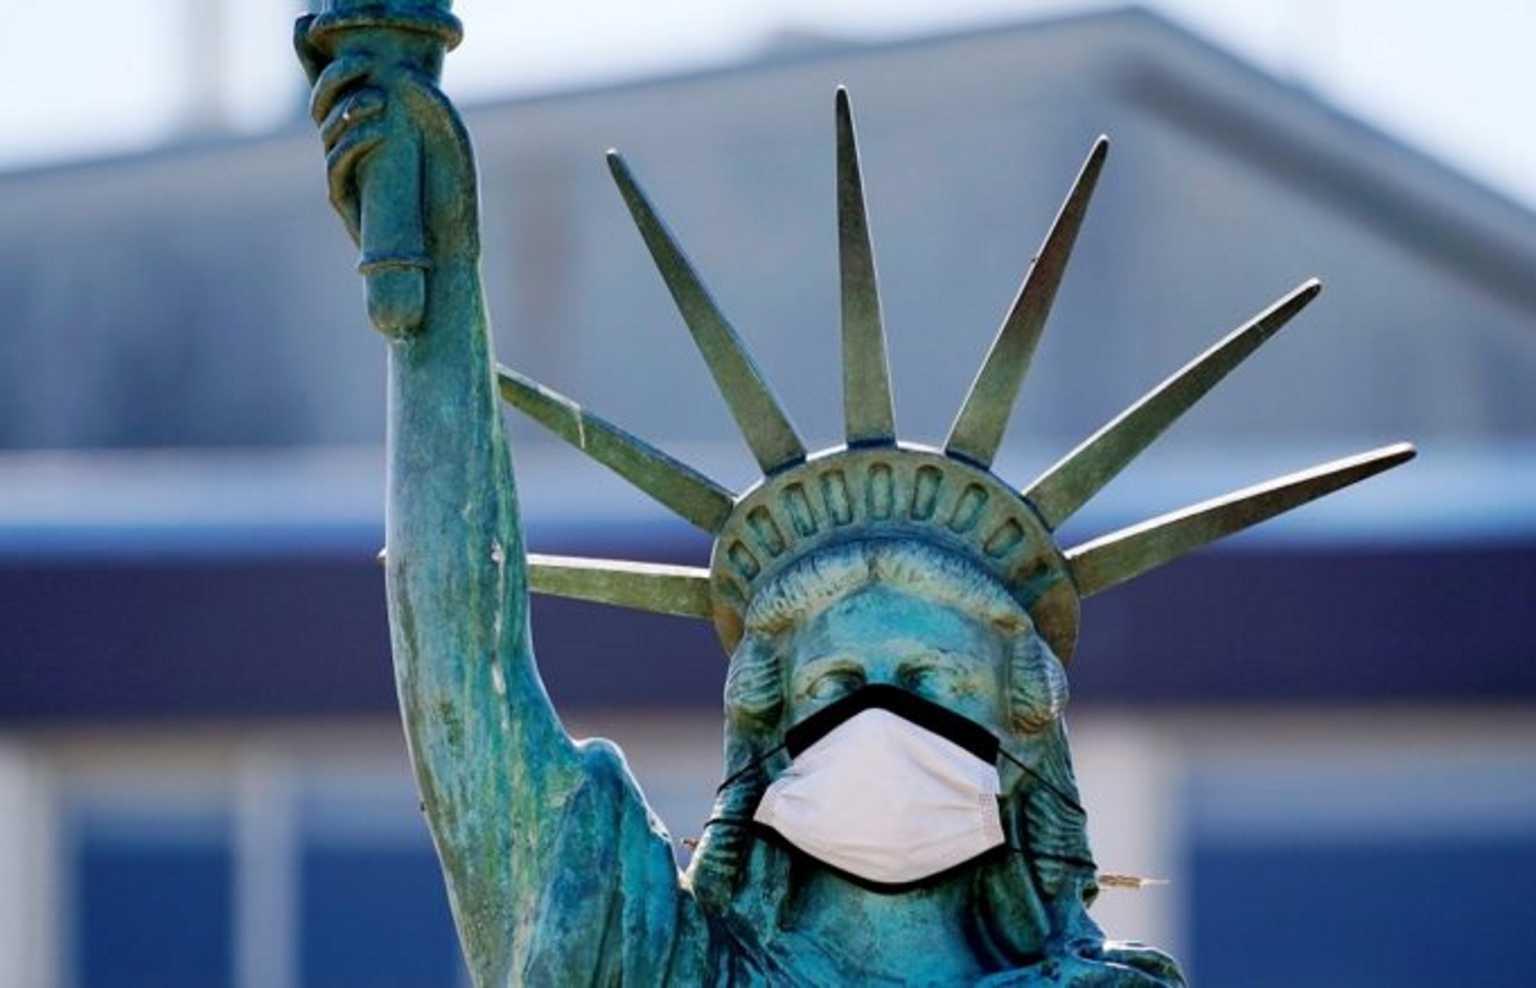 ΗΠΑ: Θλιβερό ορόσημο με πάνω από 600.000 νεκρούς από κορονοϊό